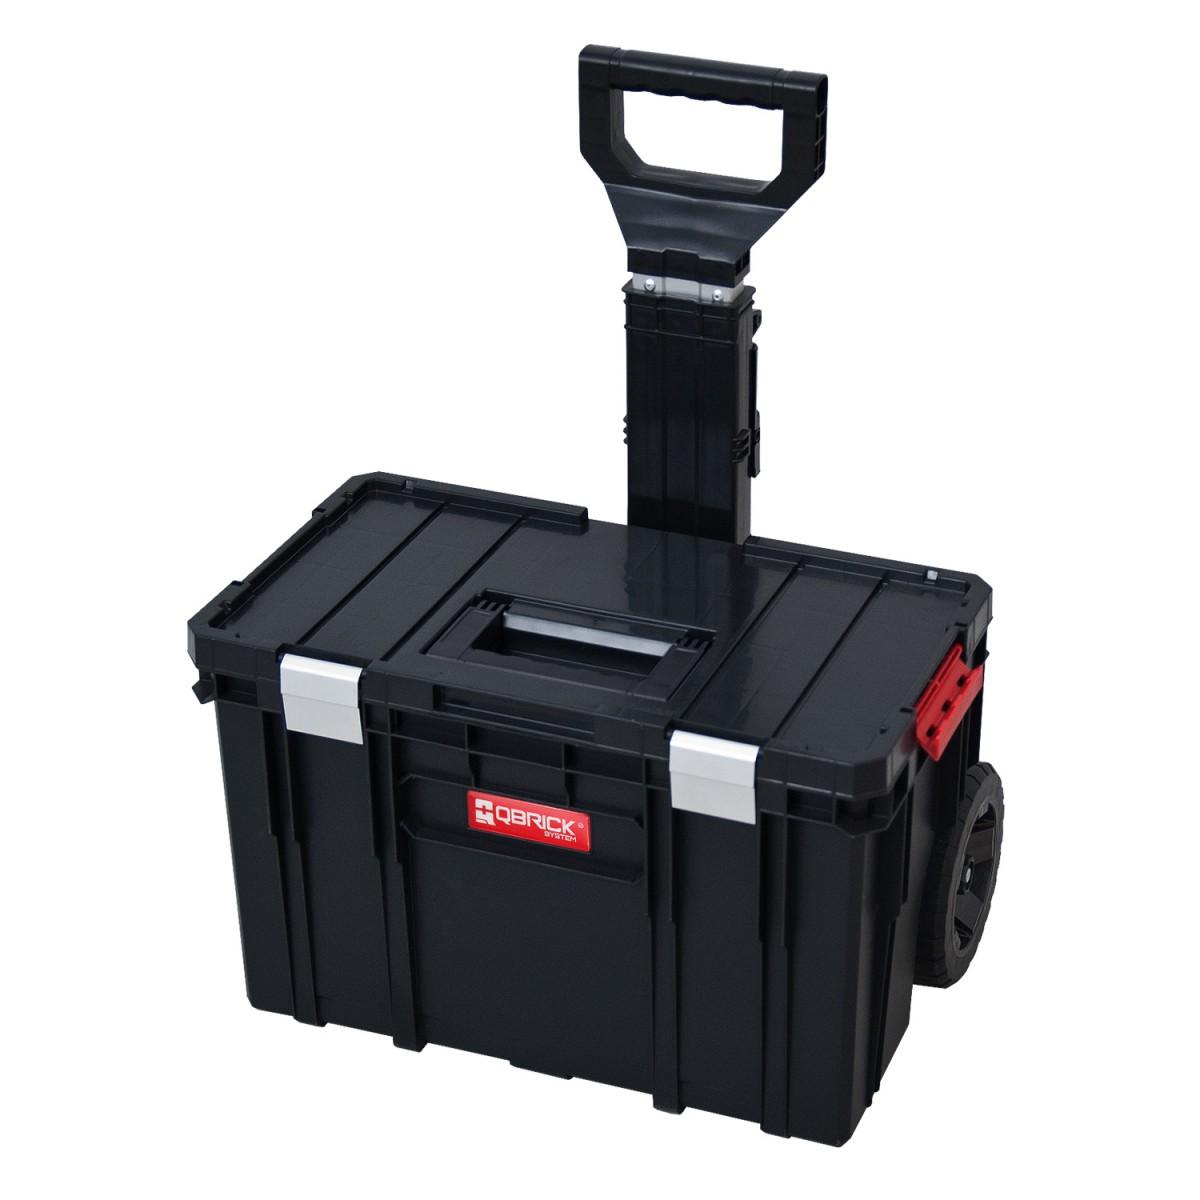 Kufr na nářadí Box QBRICK® System TWO Cart